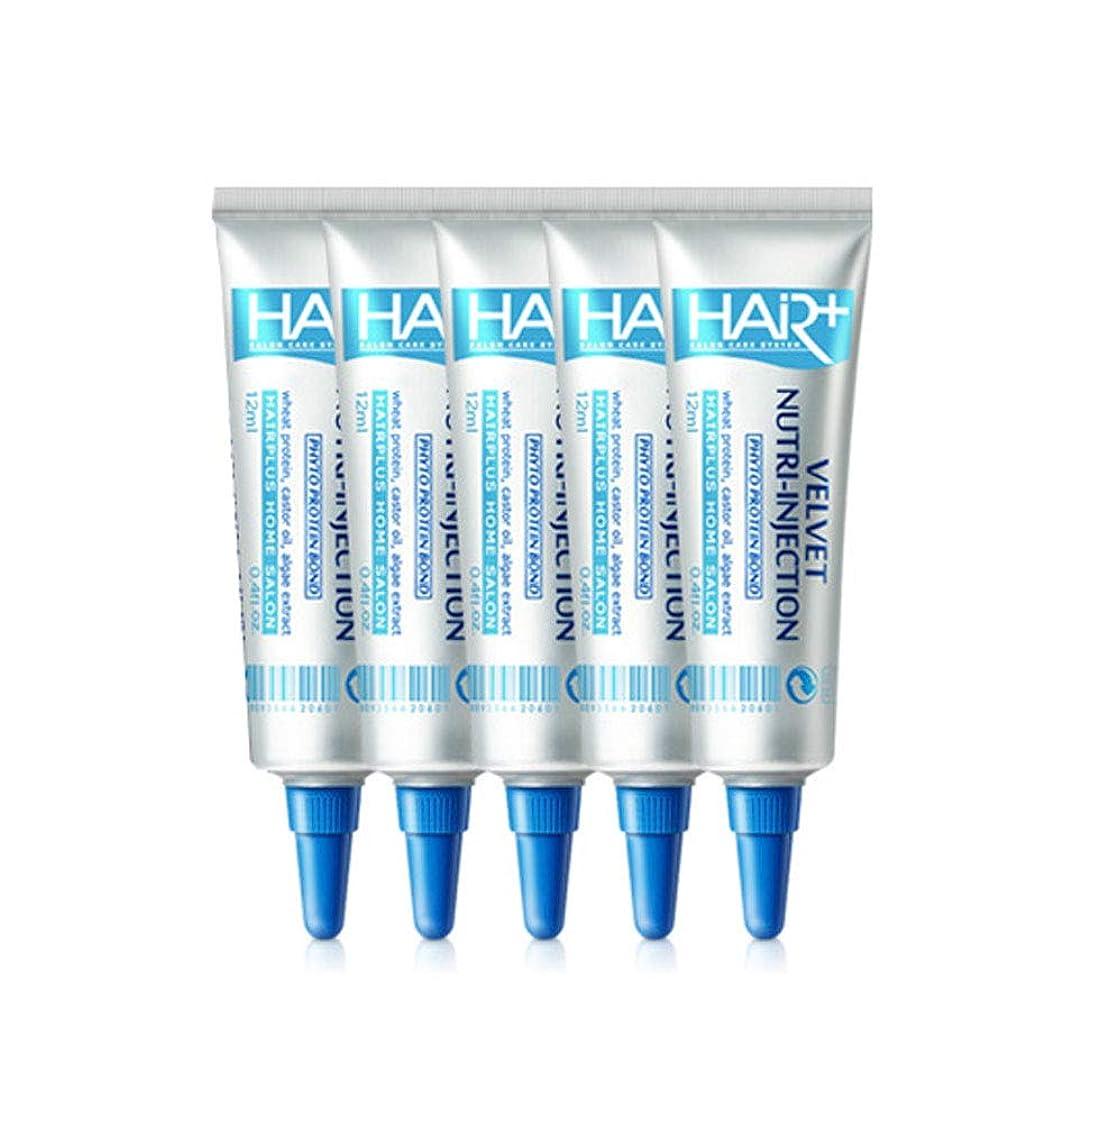 残忍なスクワイア編集者ヘアプラスHairplus韓国コスメヘアタンパク質アンプルヘアケアトリートメント12ml 5個 海外直送品Protein Treatment [並行輸入品]